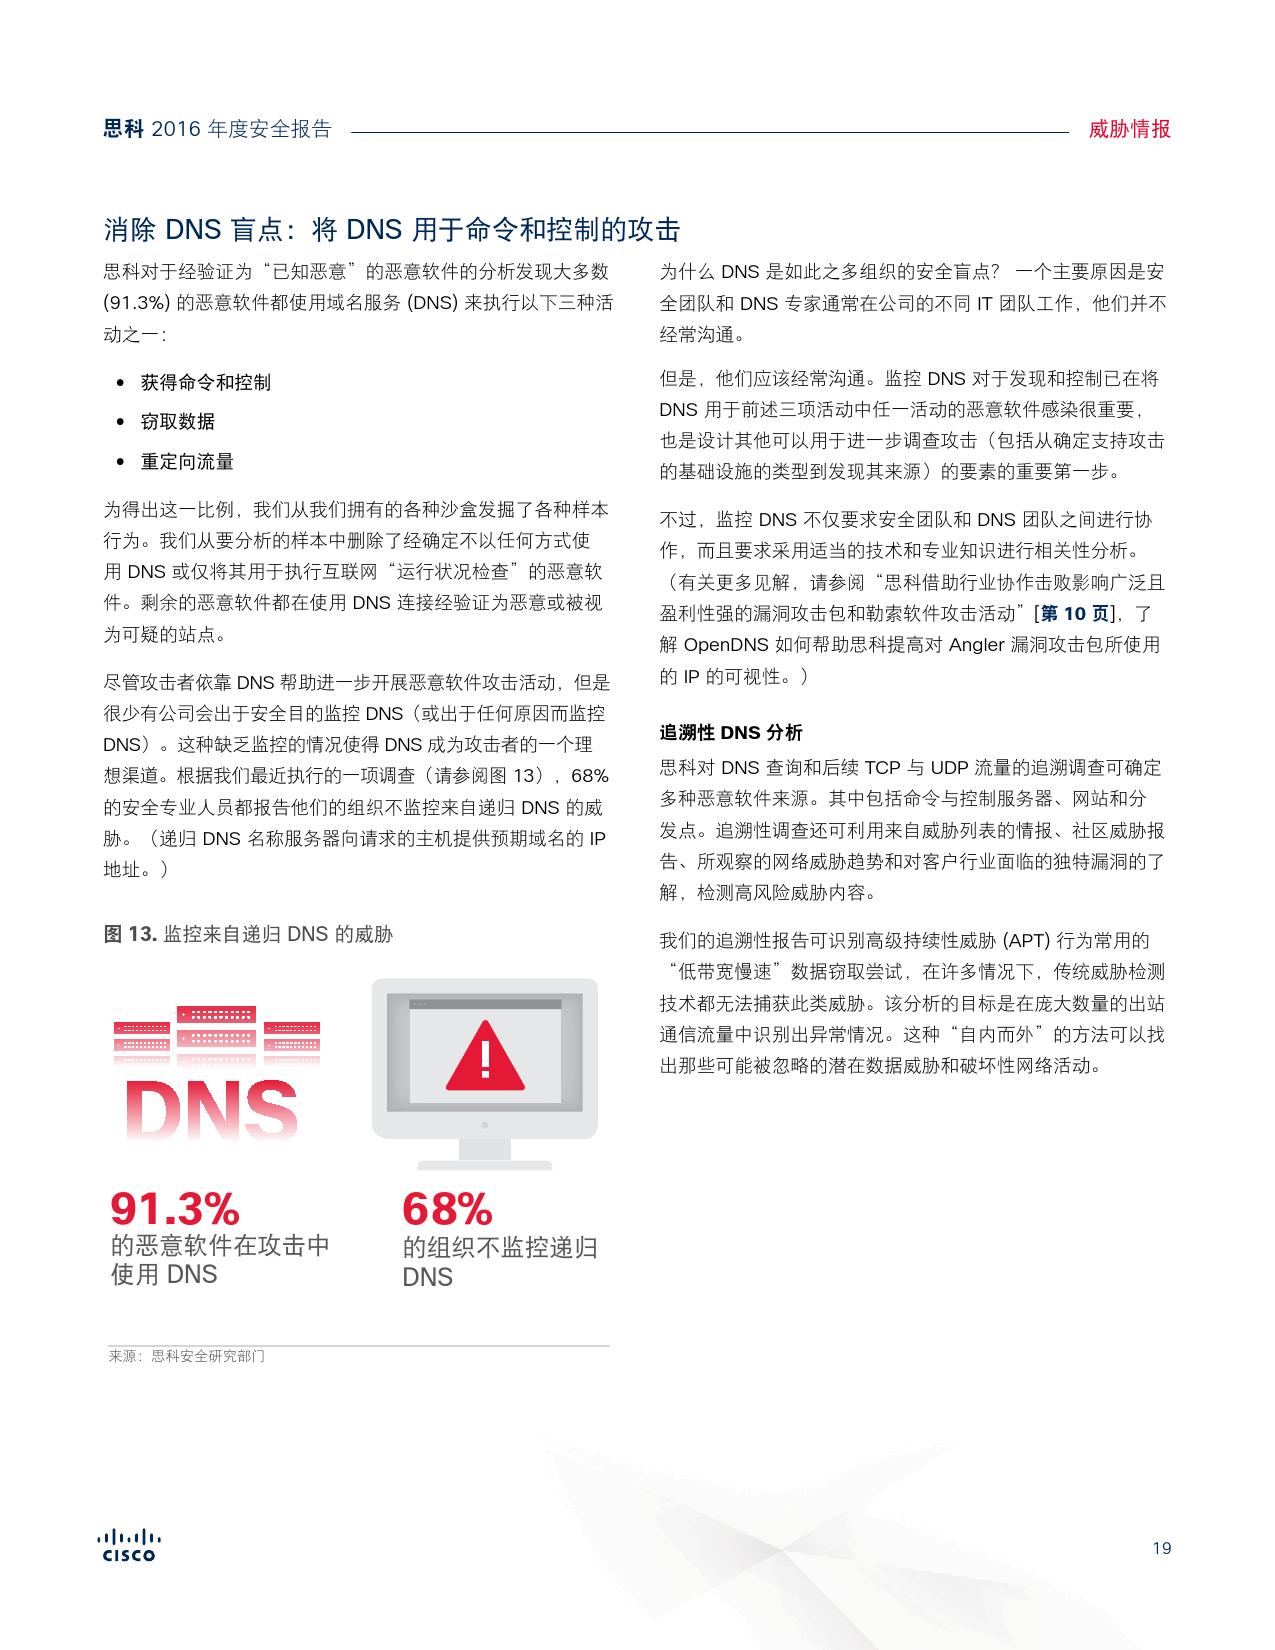 2016年中网络安全报告_000019